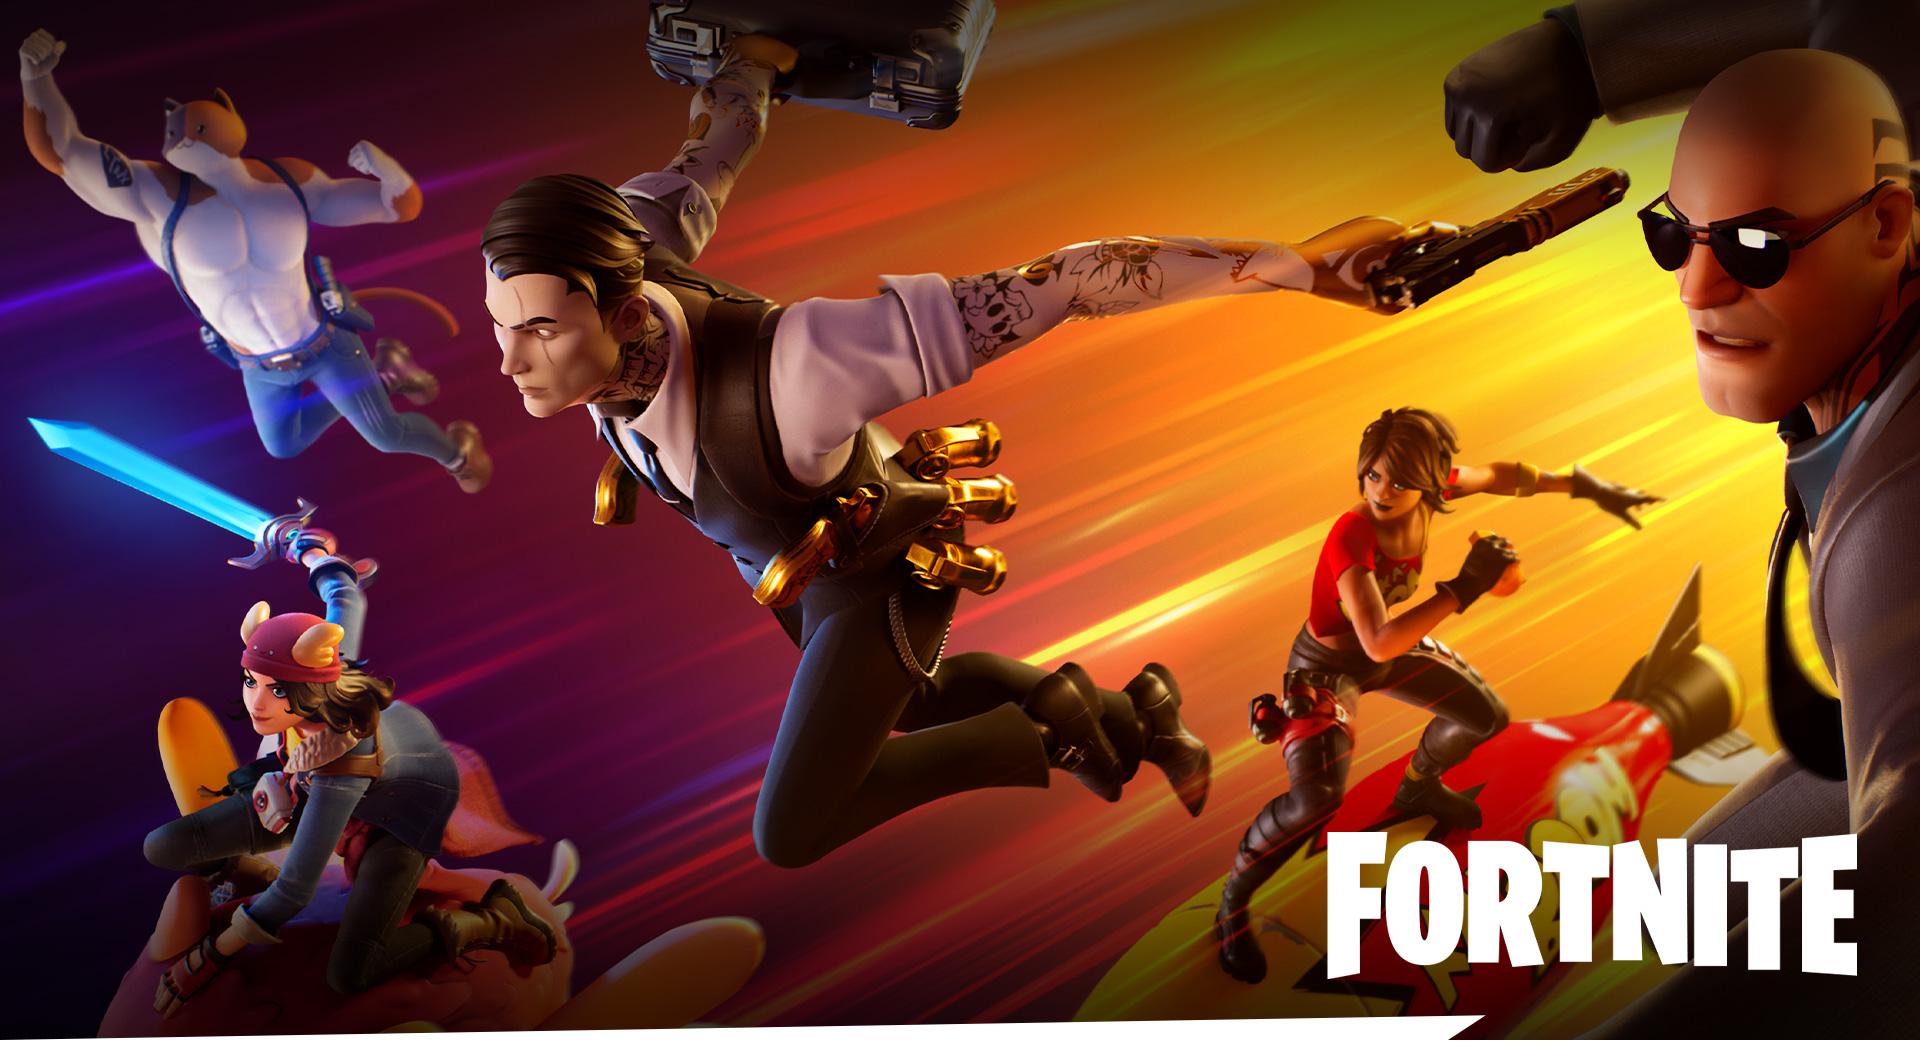 Fortnite, un gruppo di personaggi vola in aria pronto a combattere.